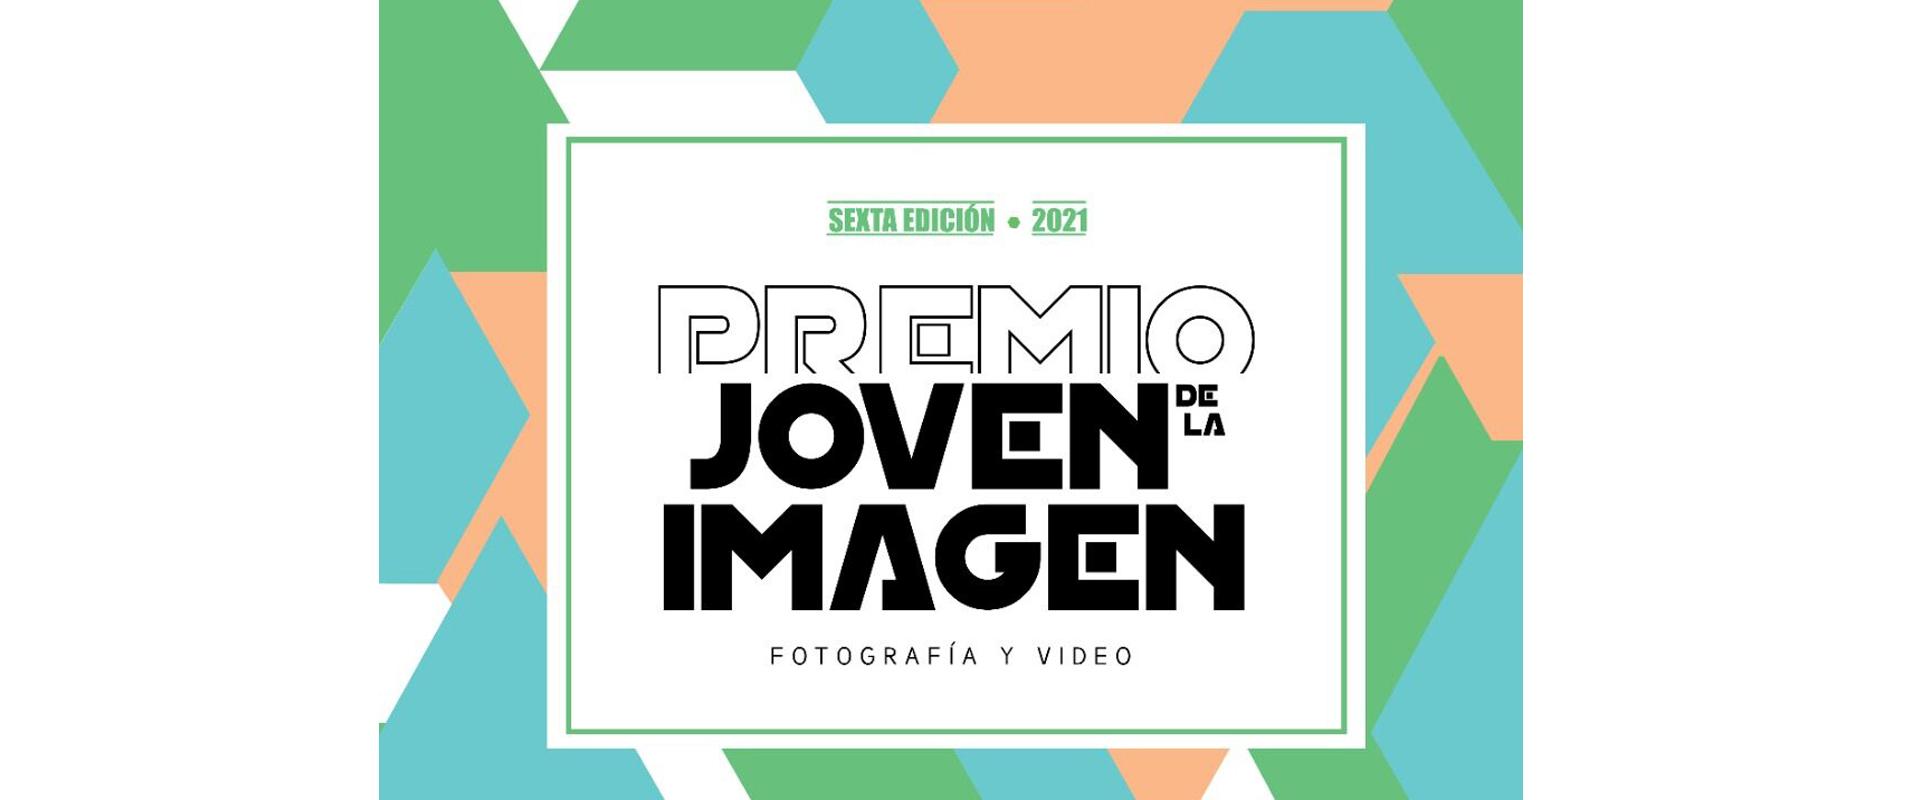 Premio Joven de la Imagen, Fotografía y Video